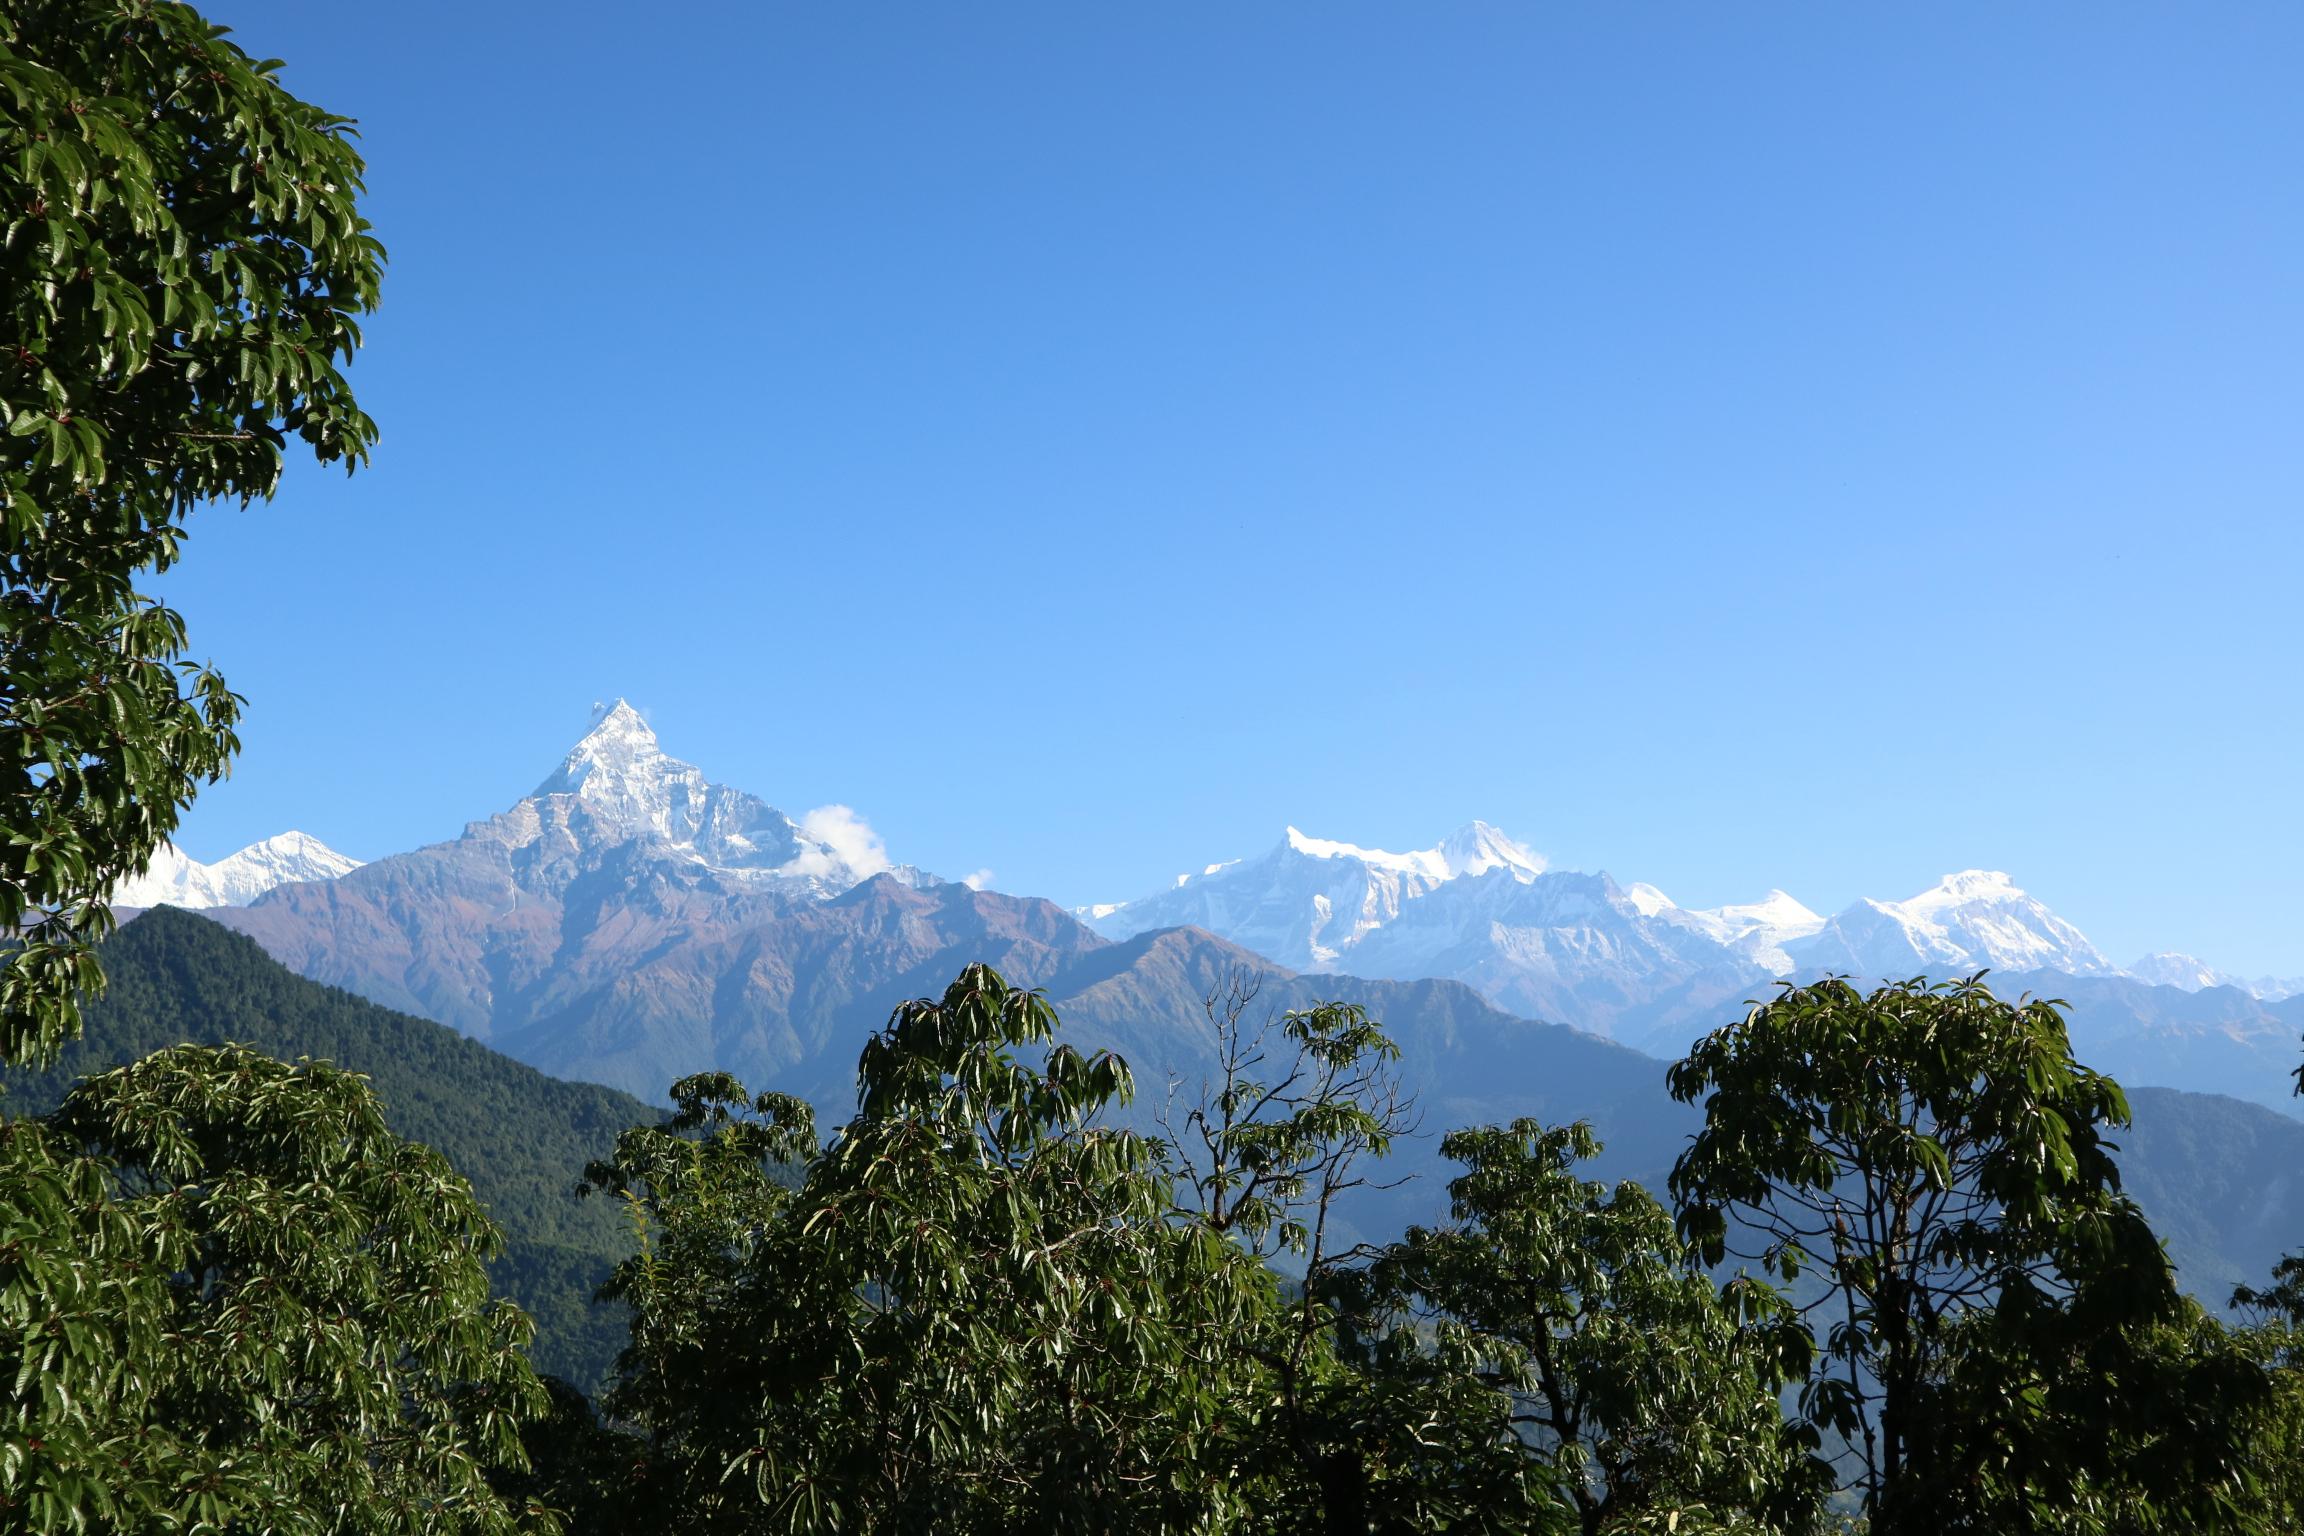 ネパール旅行記 4 オーストラリアンキャンプ その2